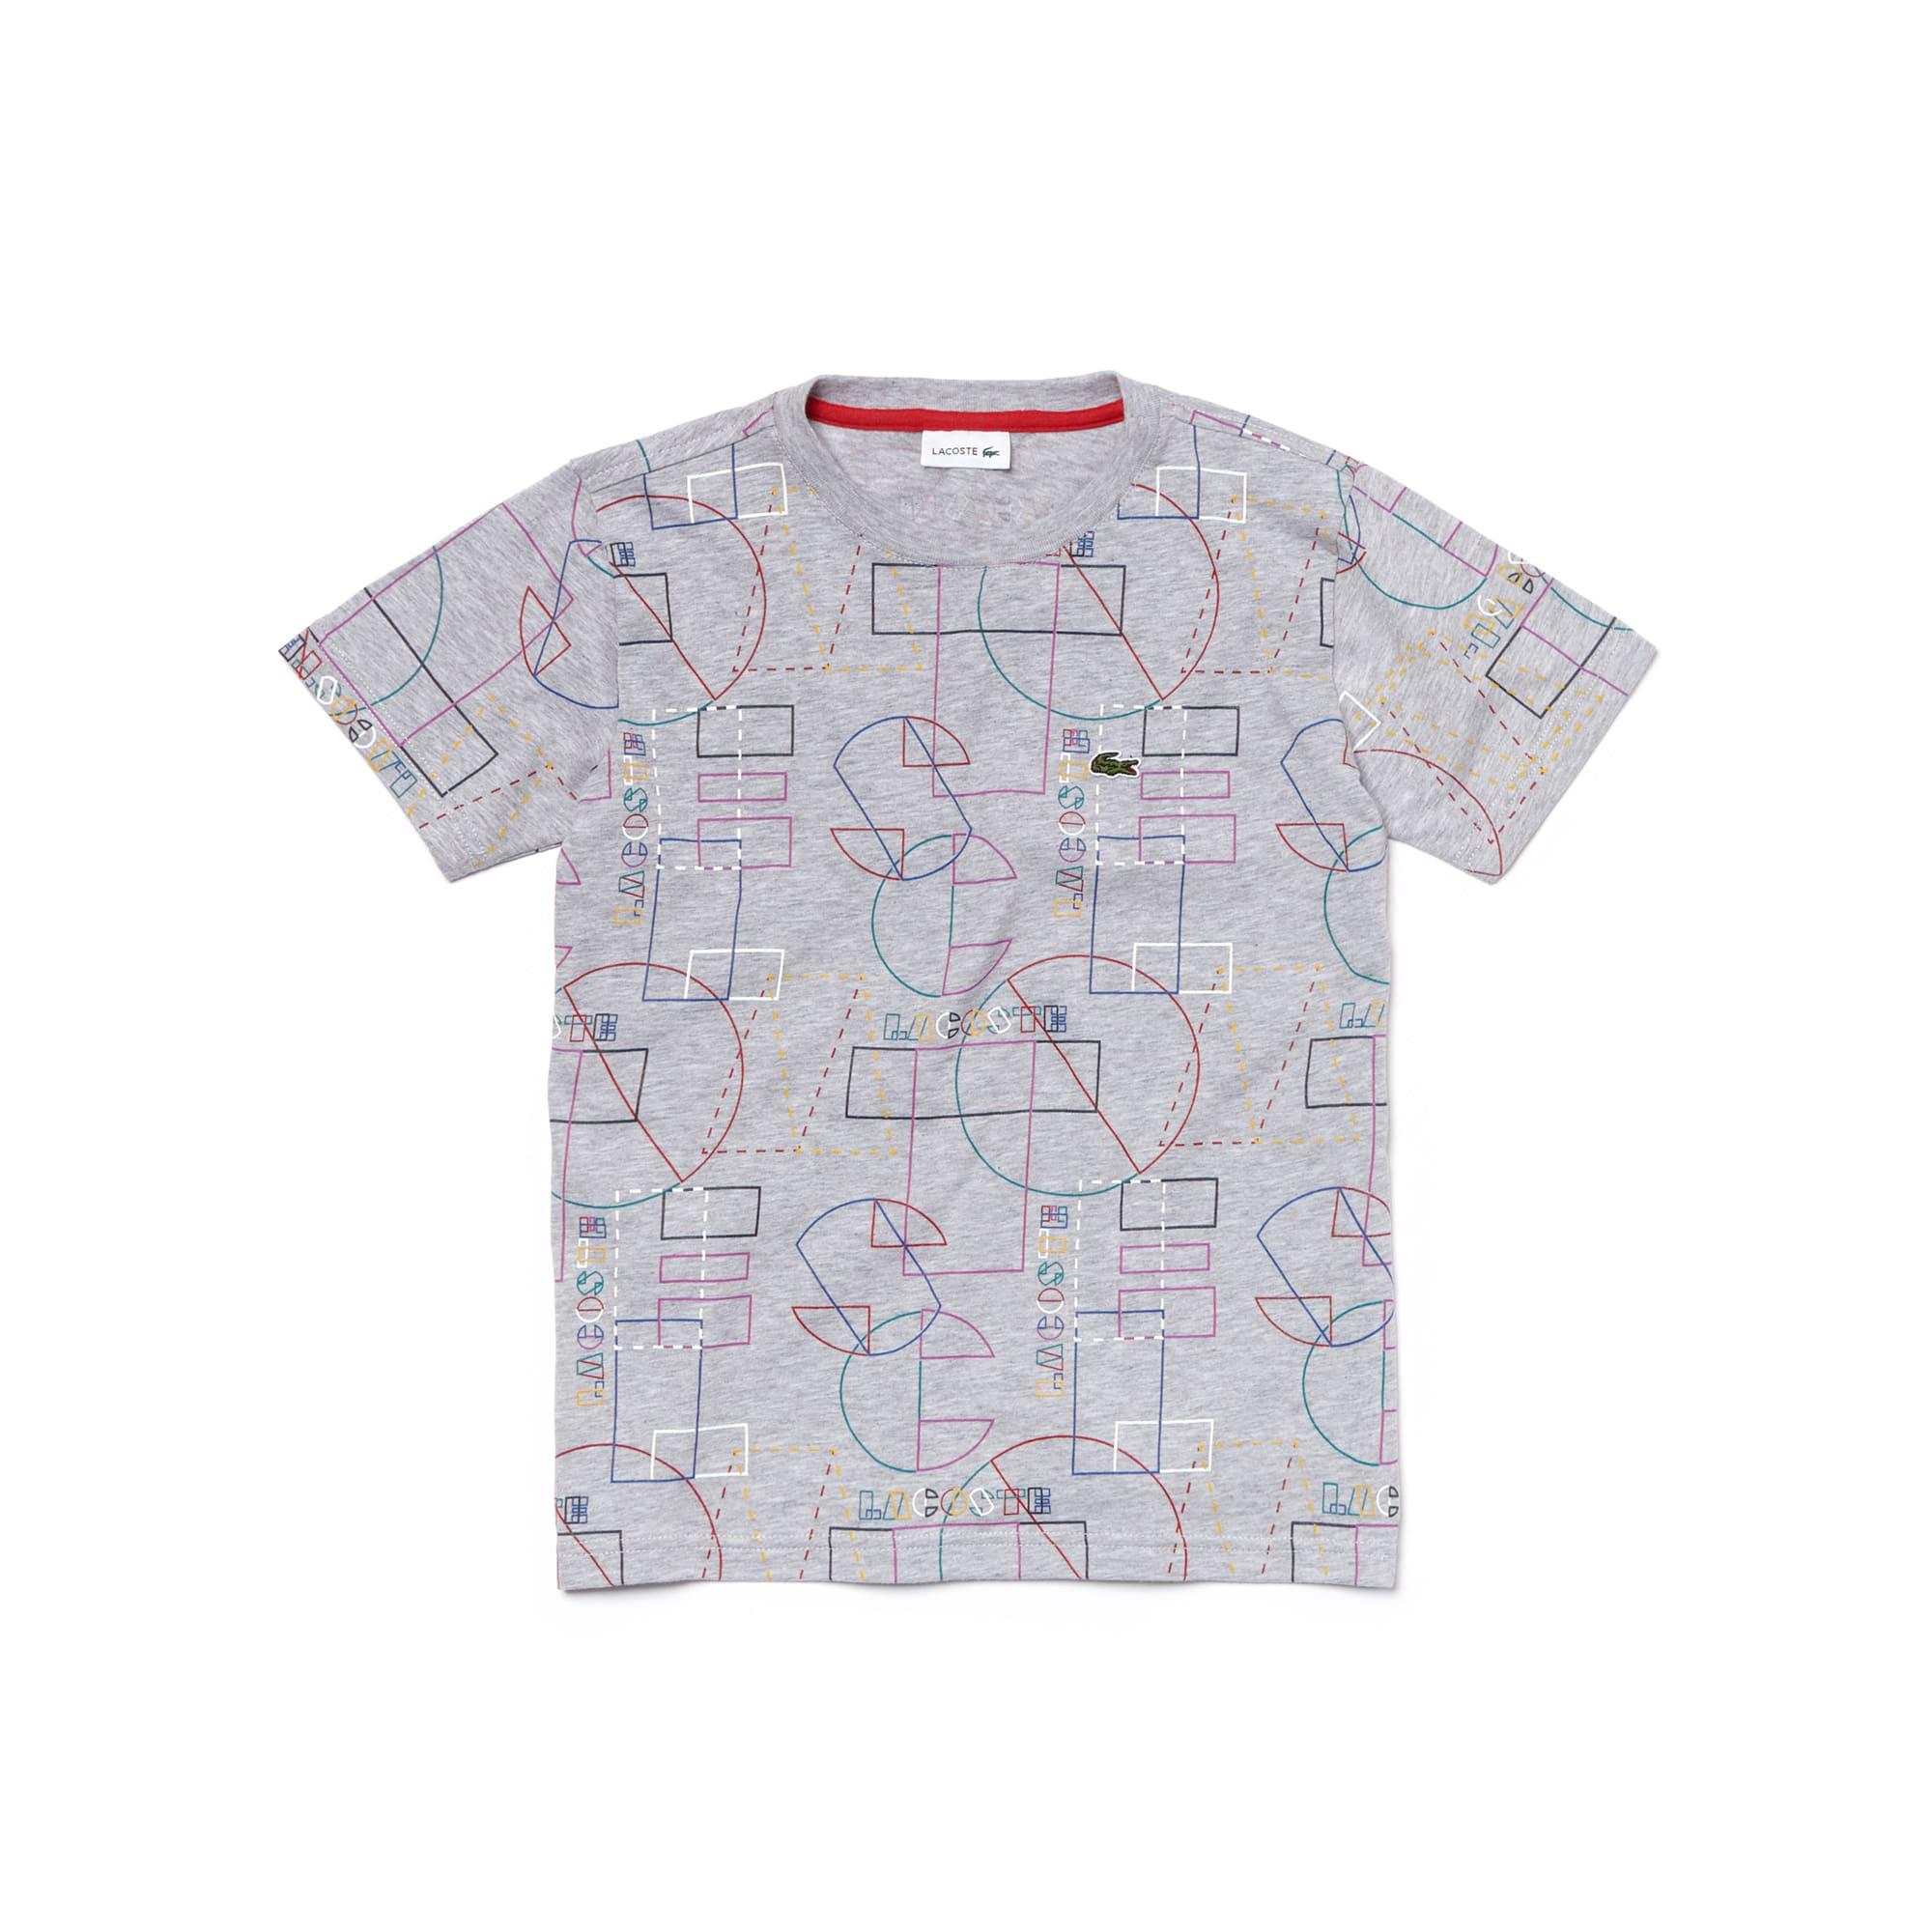 T-shirt Menino decote redondo em jersey de algodão com impressão geométrica